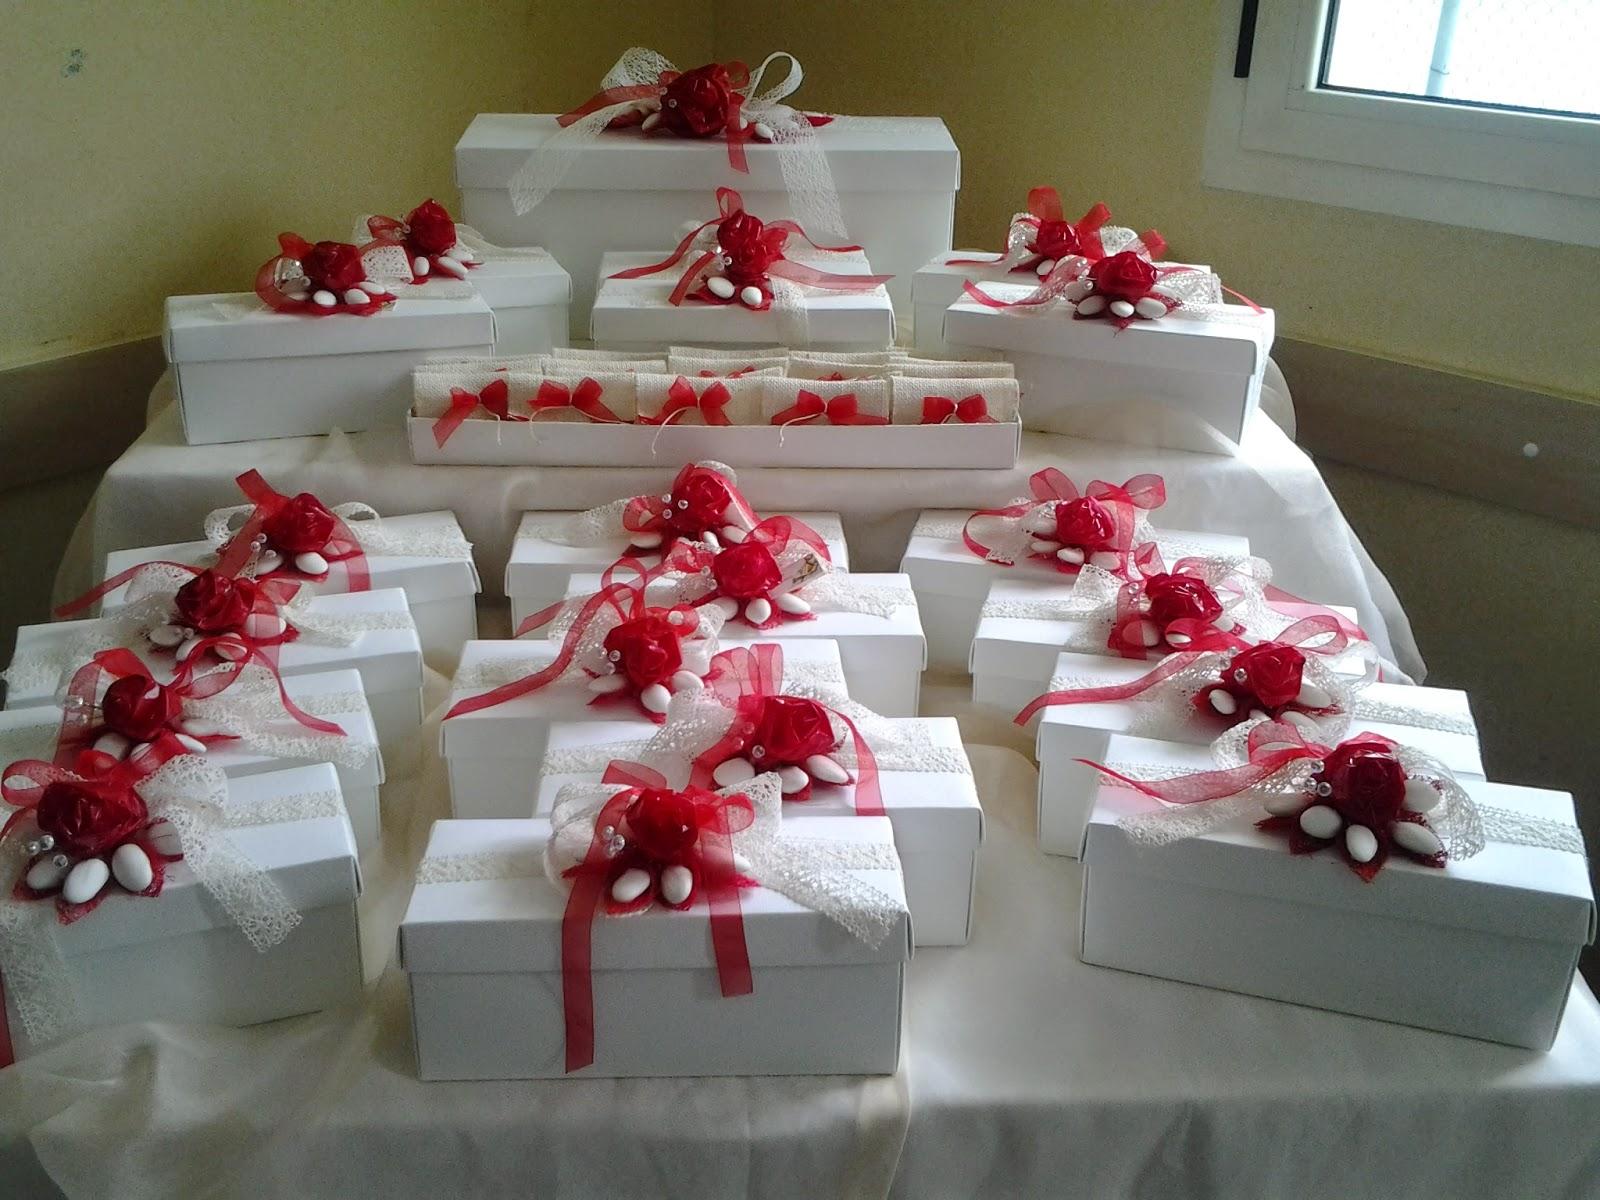 Maison soriano w linda bomboniere e decorazioni per la - Decorazioni per cresima ...